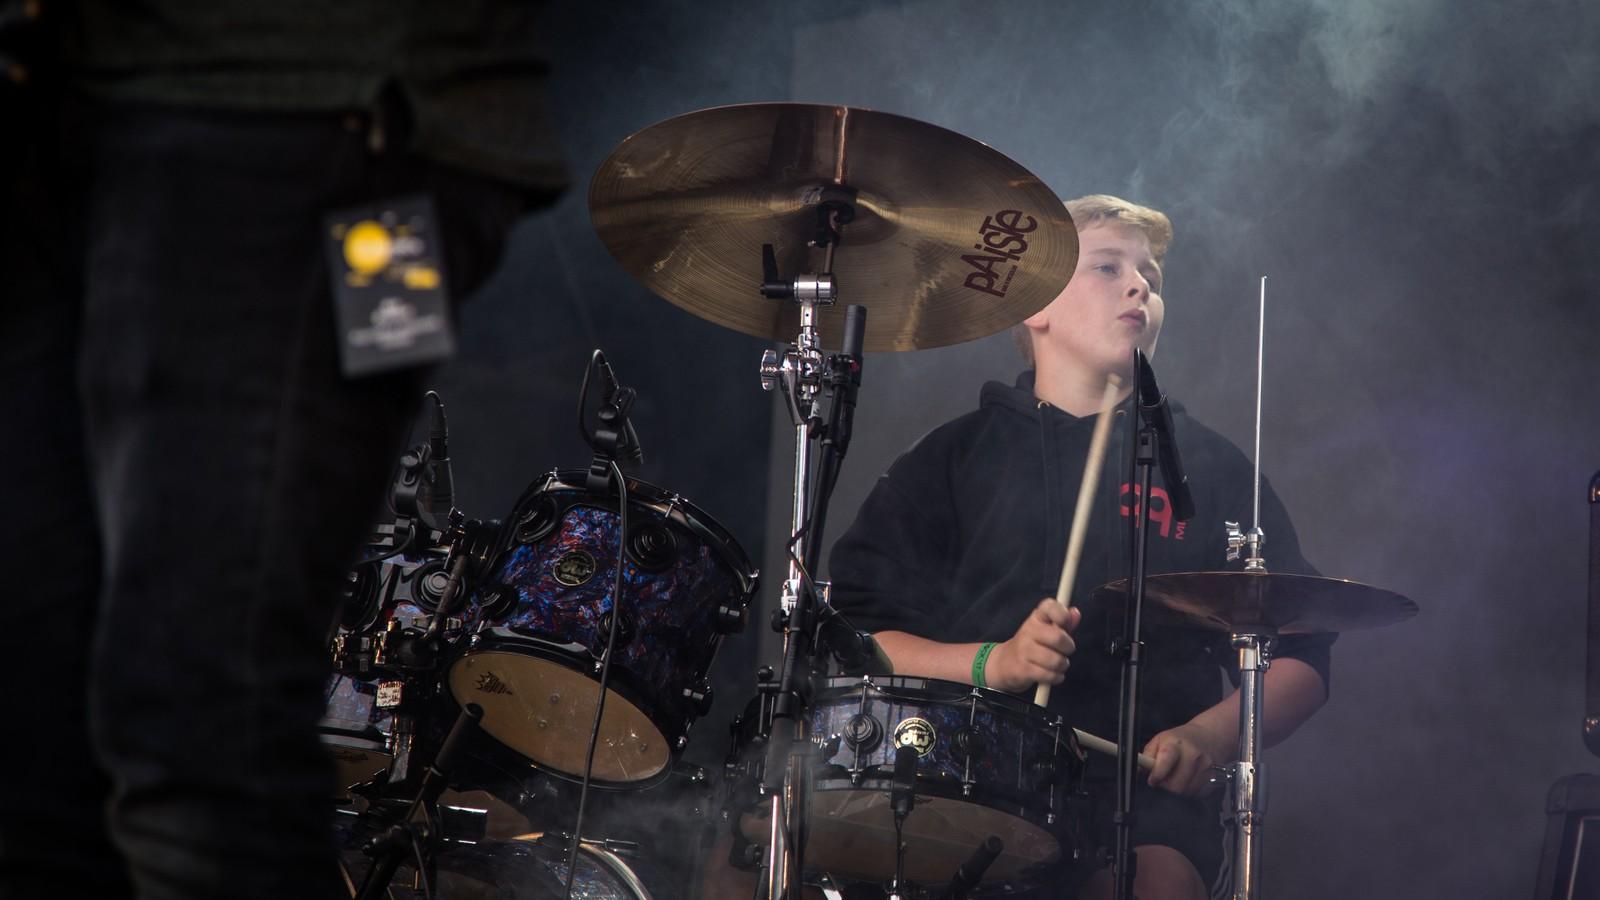 Finn Øverland